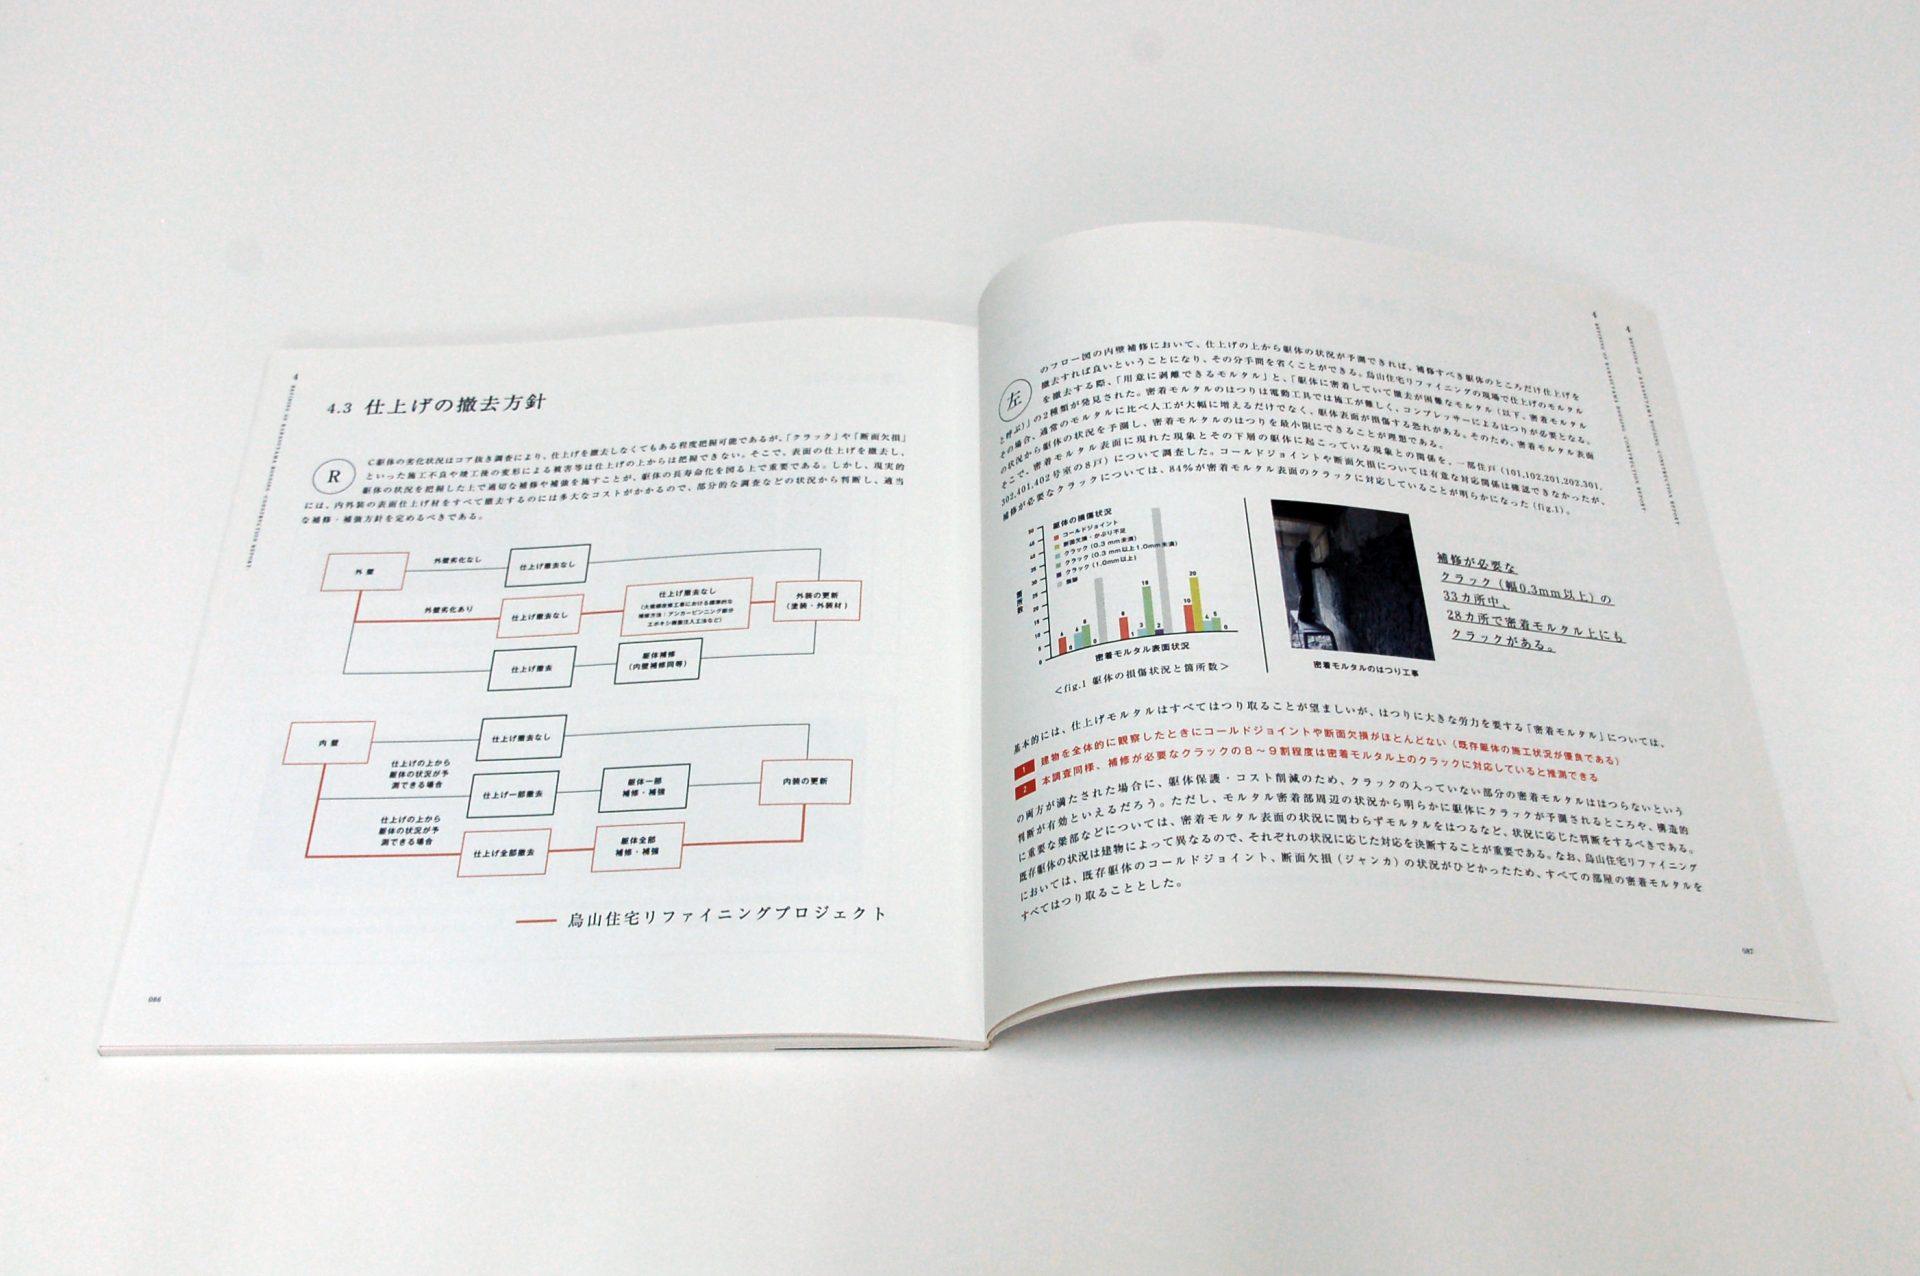 DSC_0044 のコピー